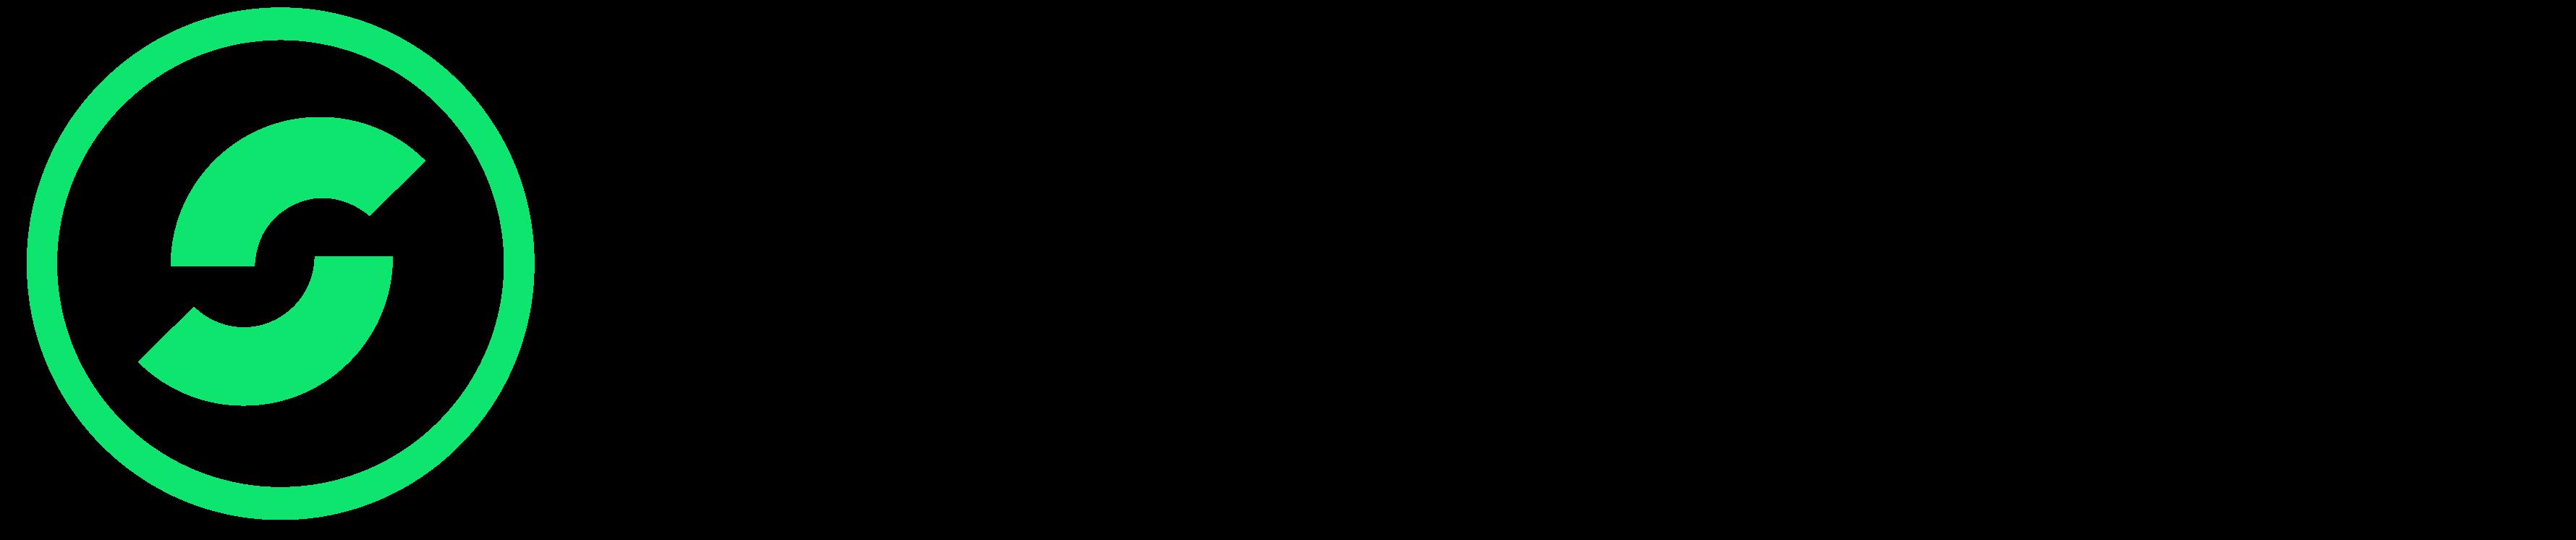 SPORTECH PLC